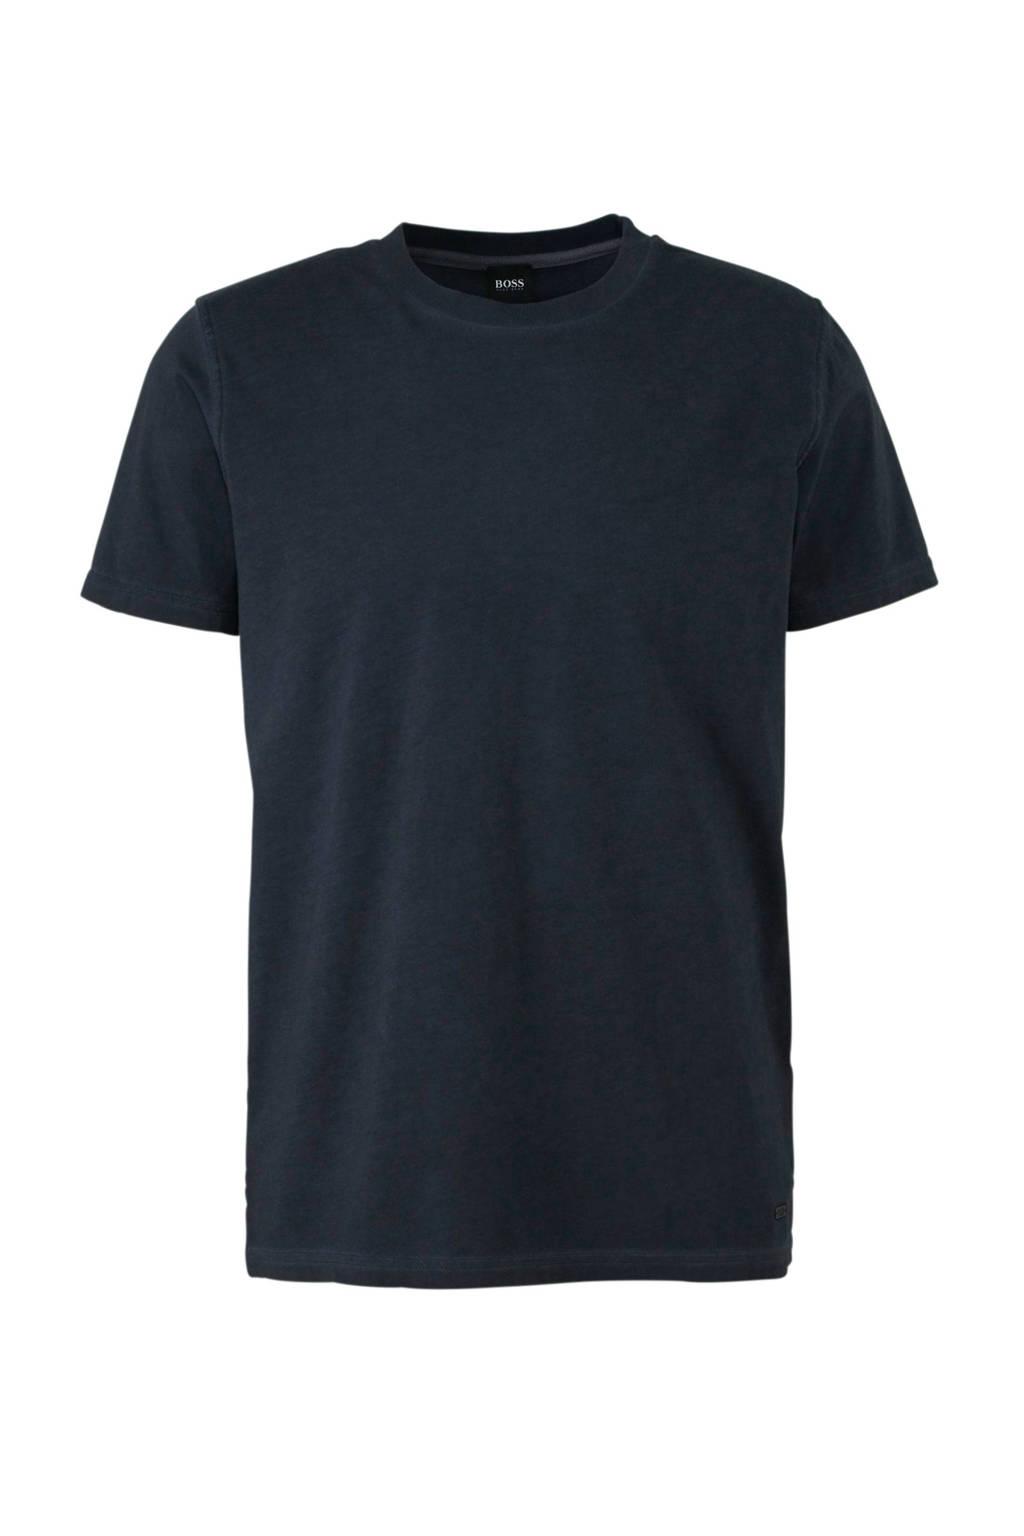 BOSS Casual T-shirt donkerblauw, Donkerblauw